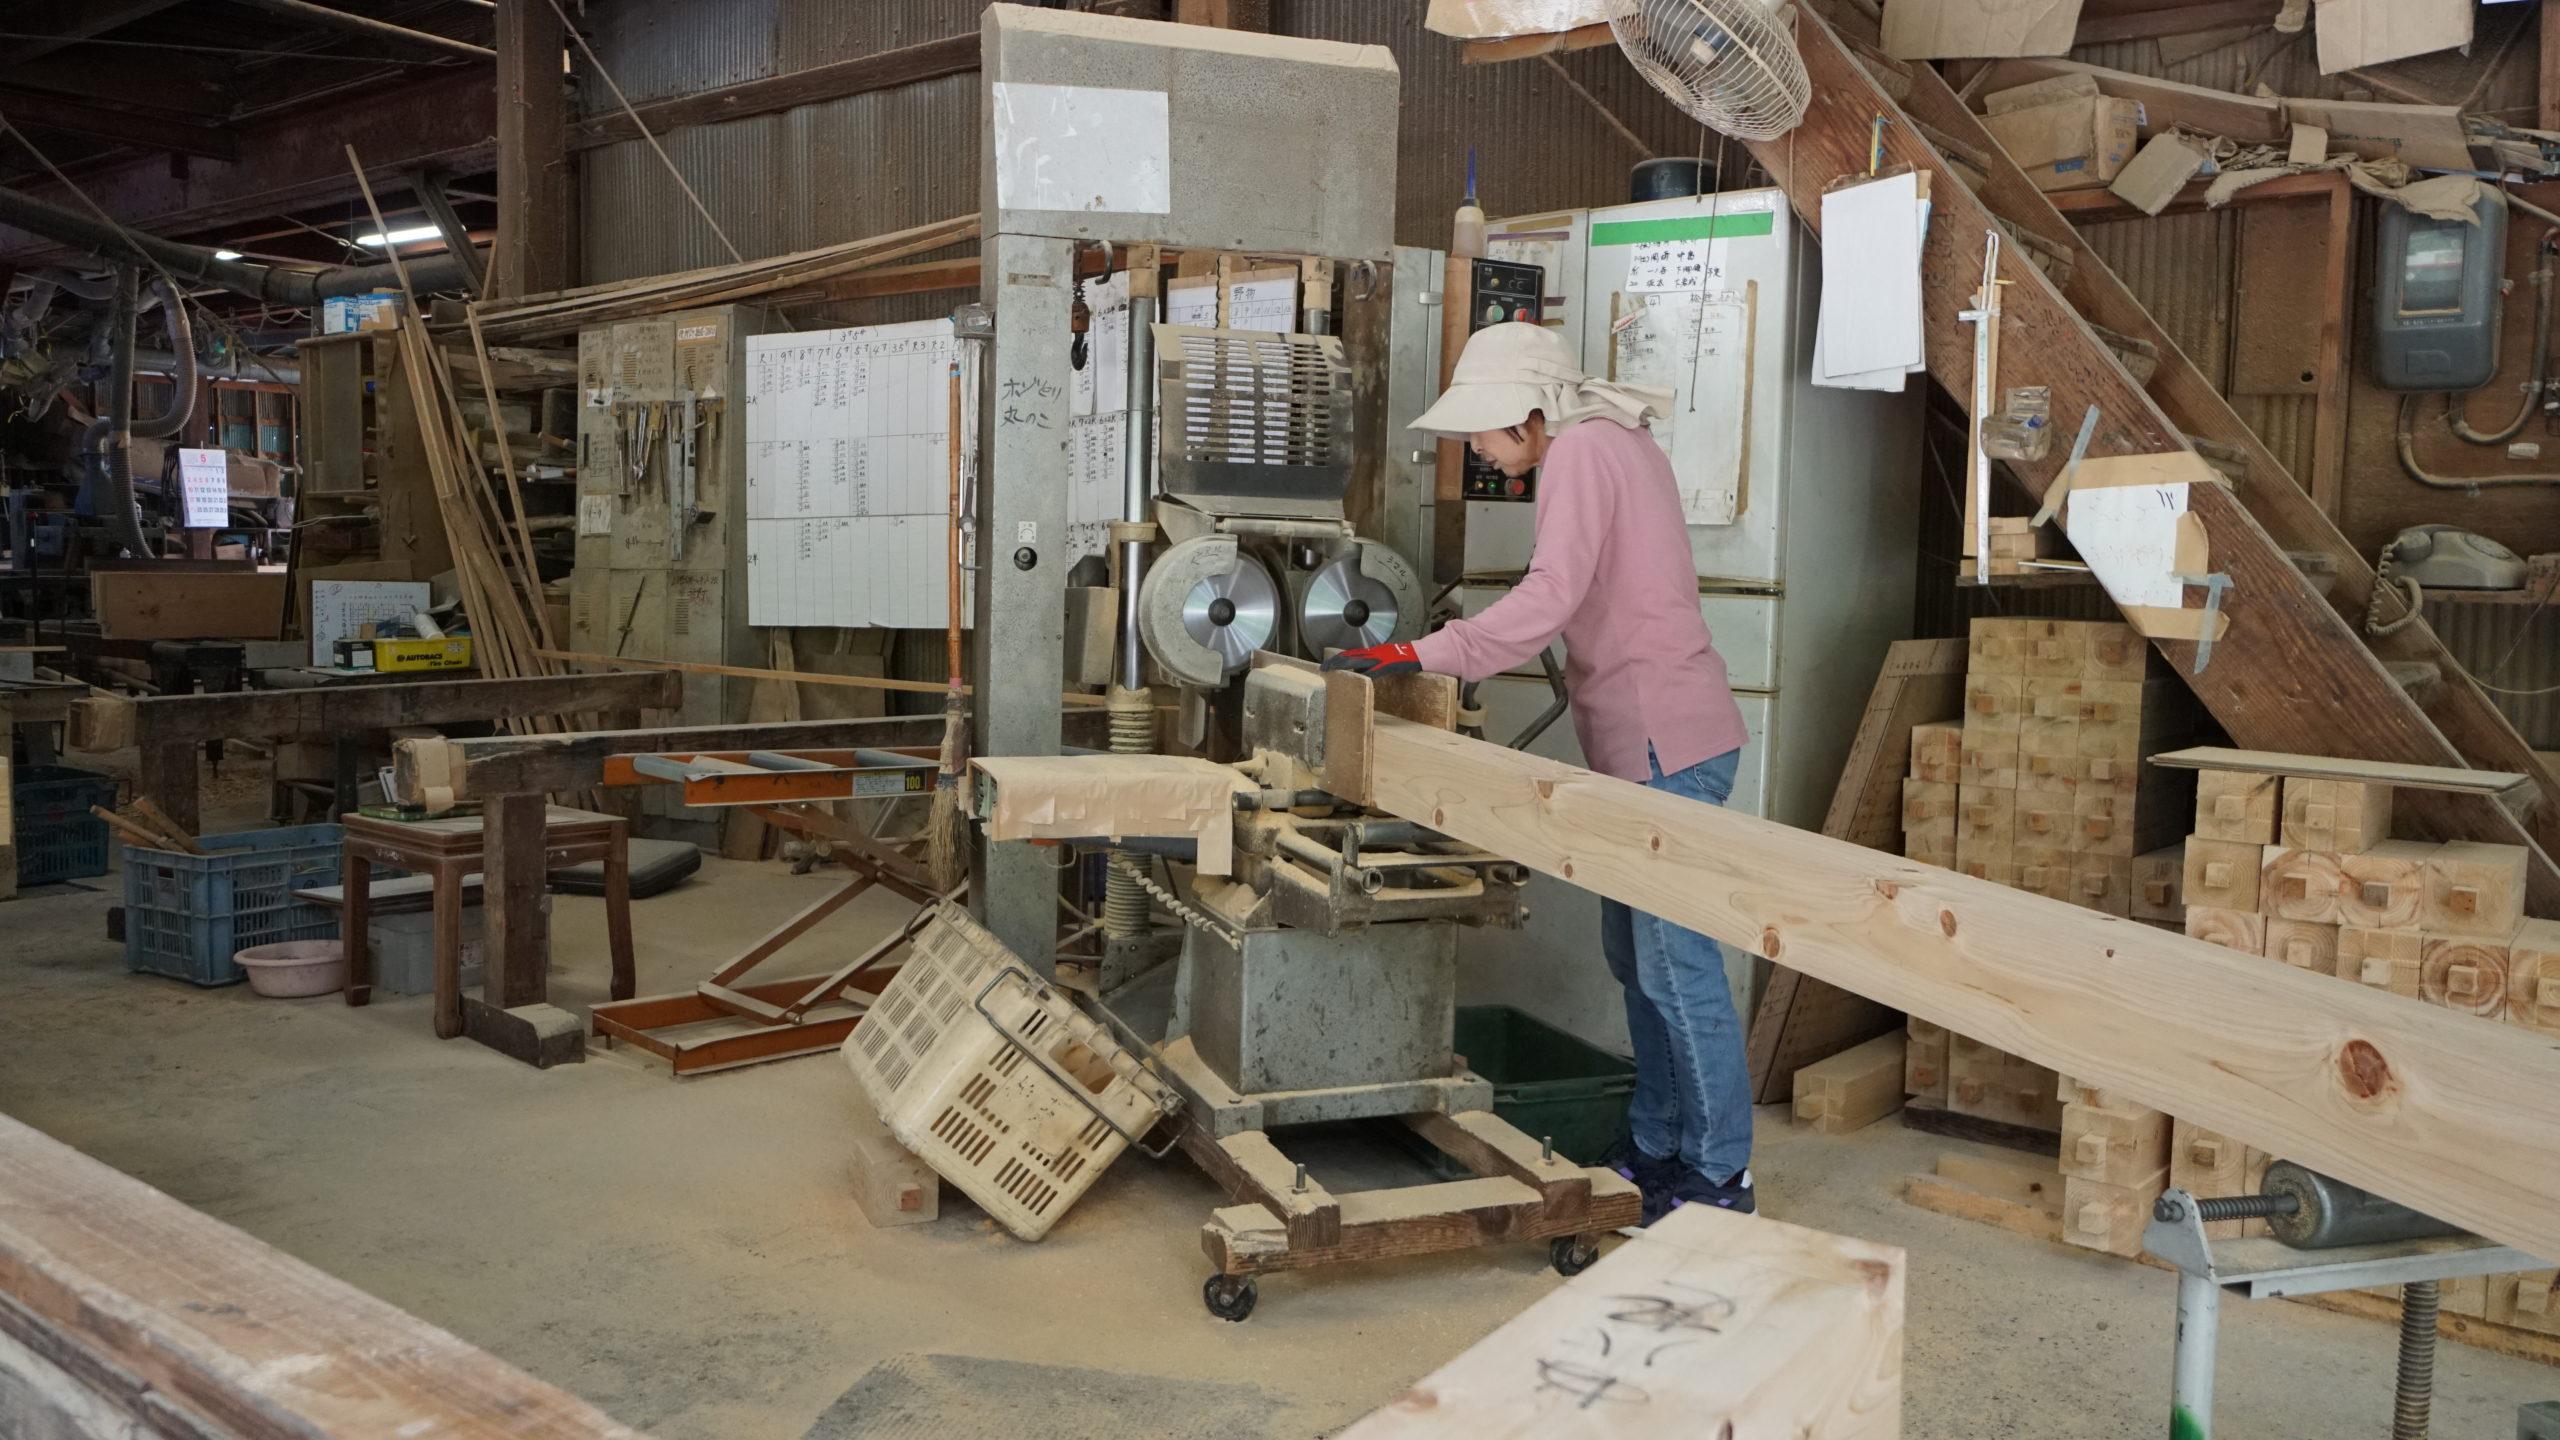 株式会社今井住建の事務所・プレカット工場のプレカット工場のイメージ2